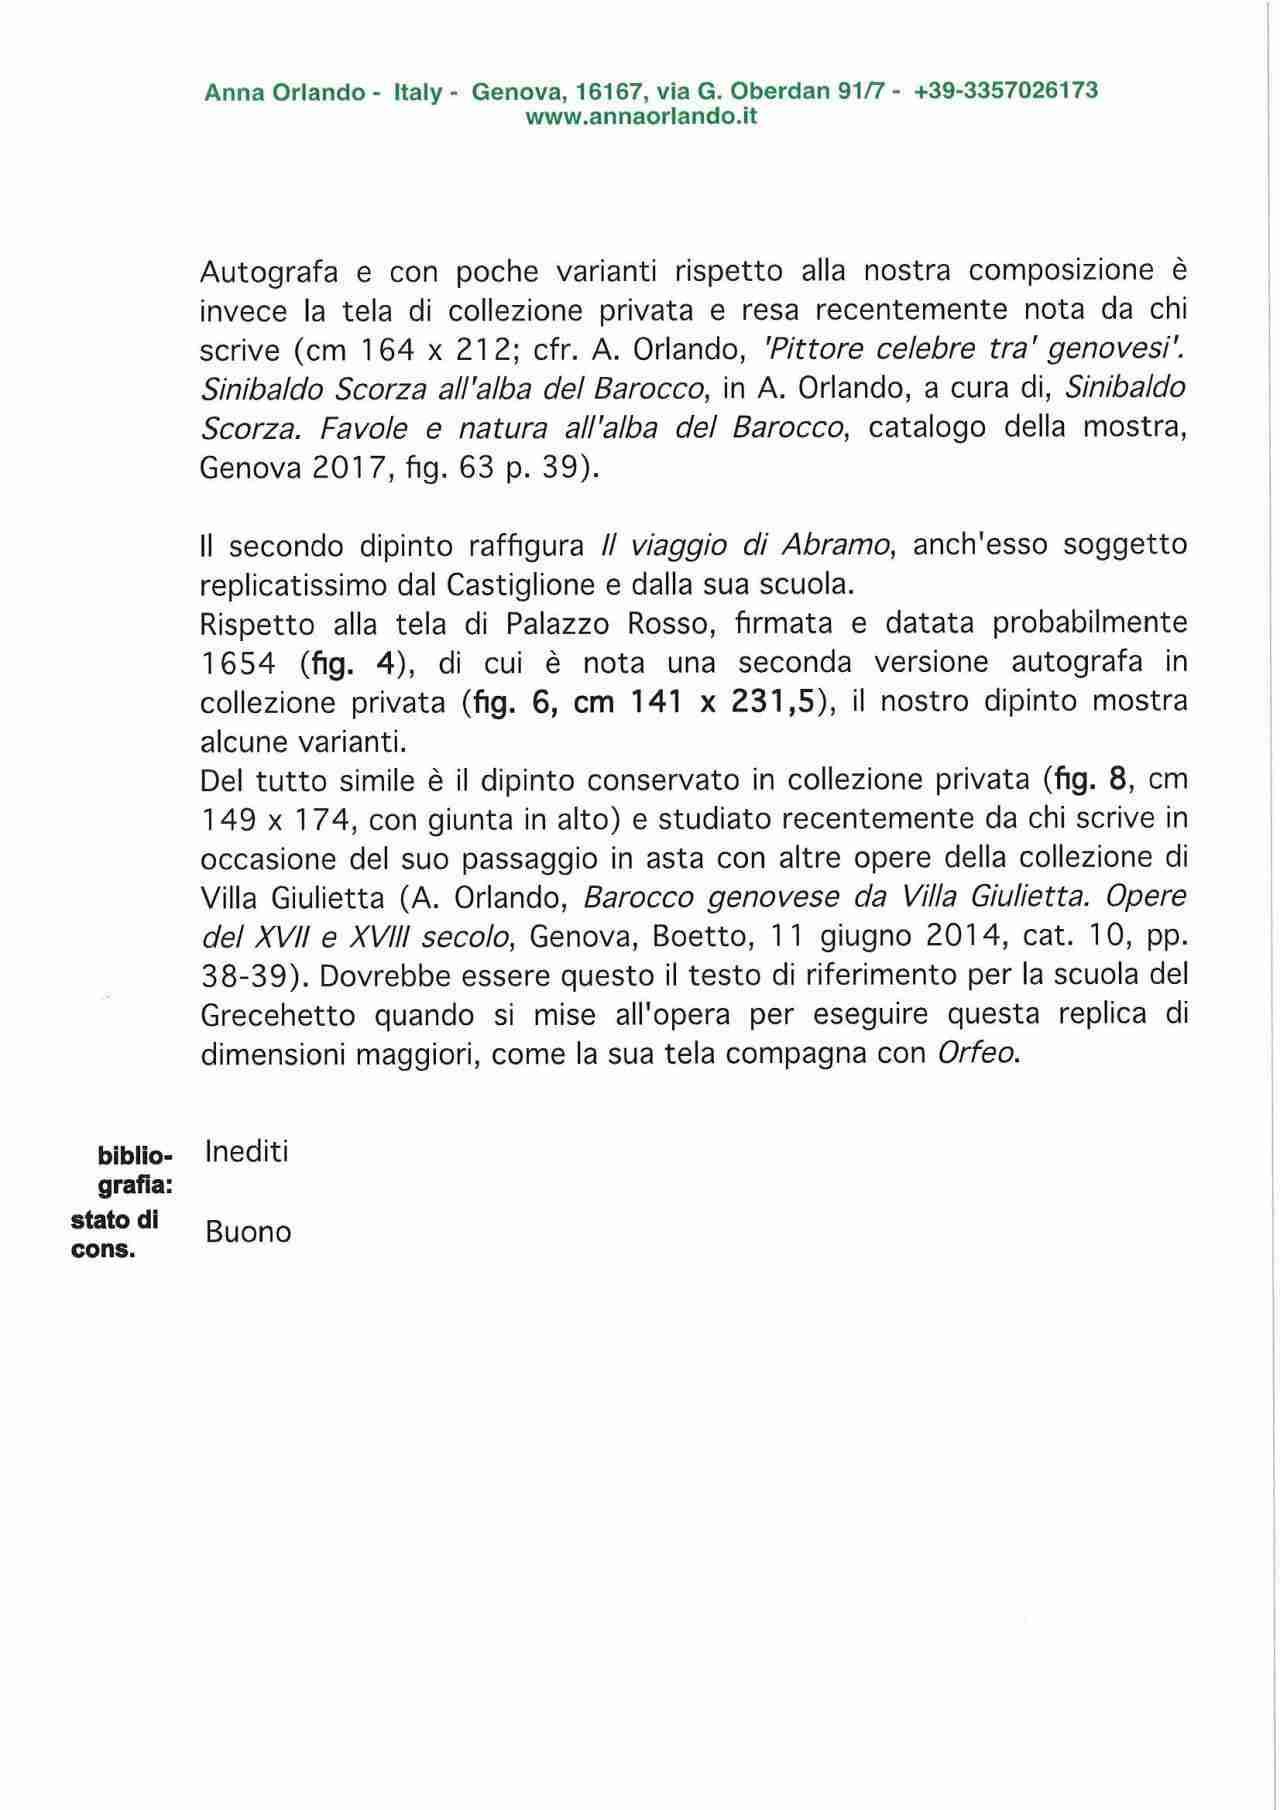 giovanni-benedetto-castiglione-detto-il-grechetto-2